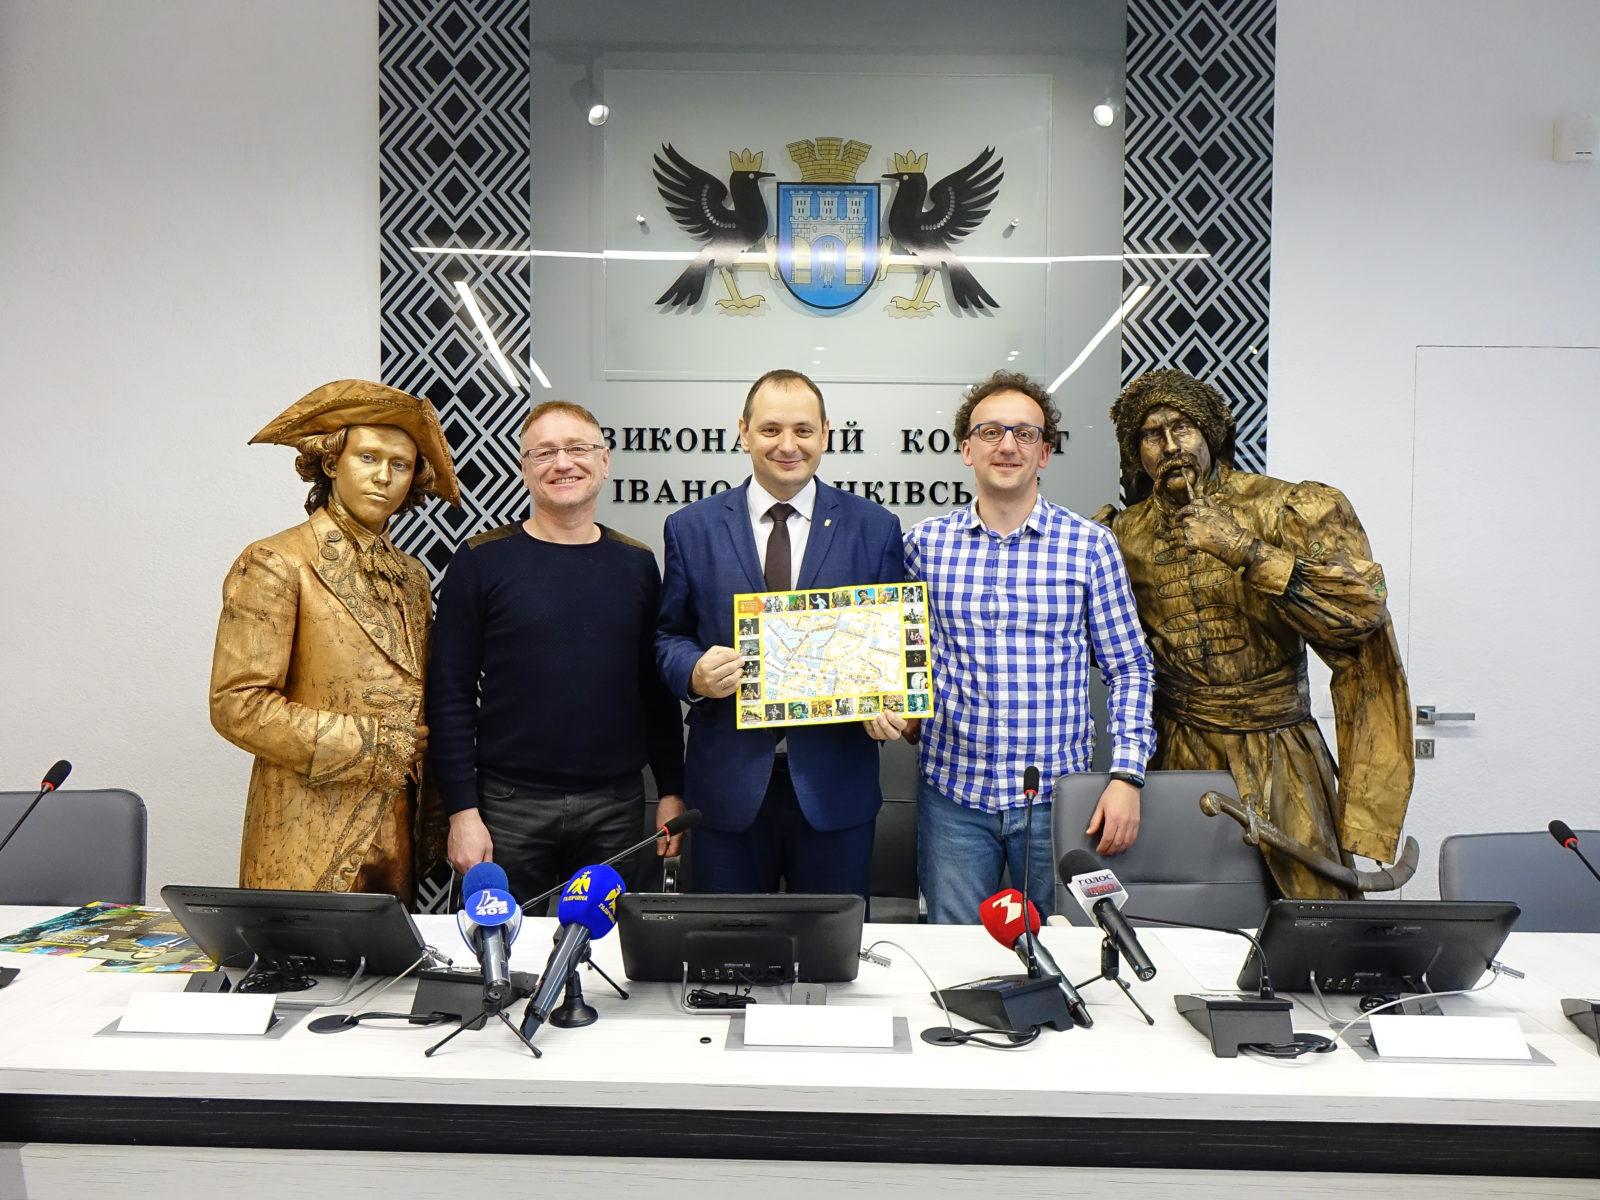 Скульптури оживають в Івано-Франківську